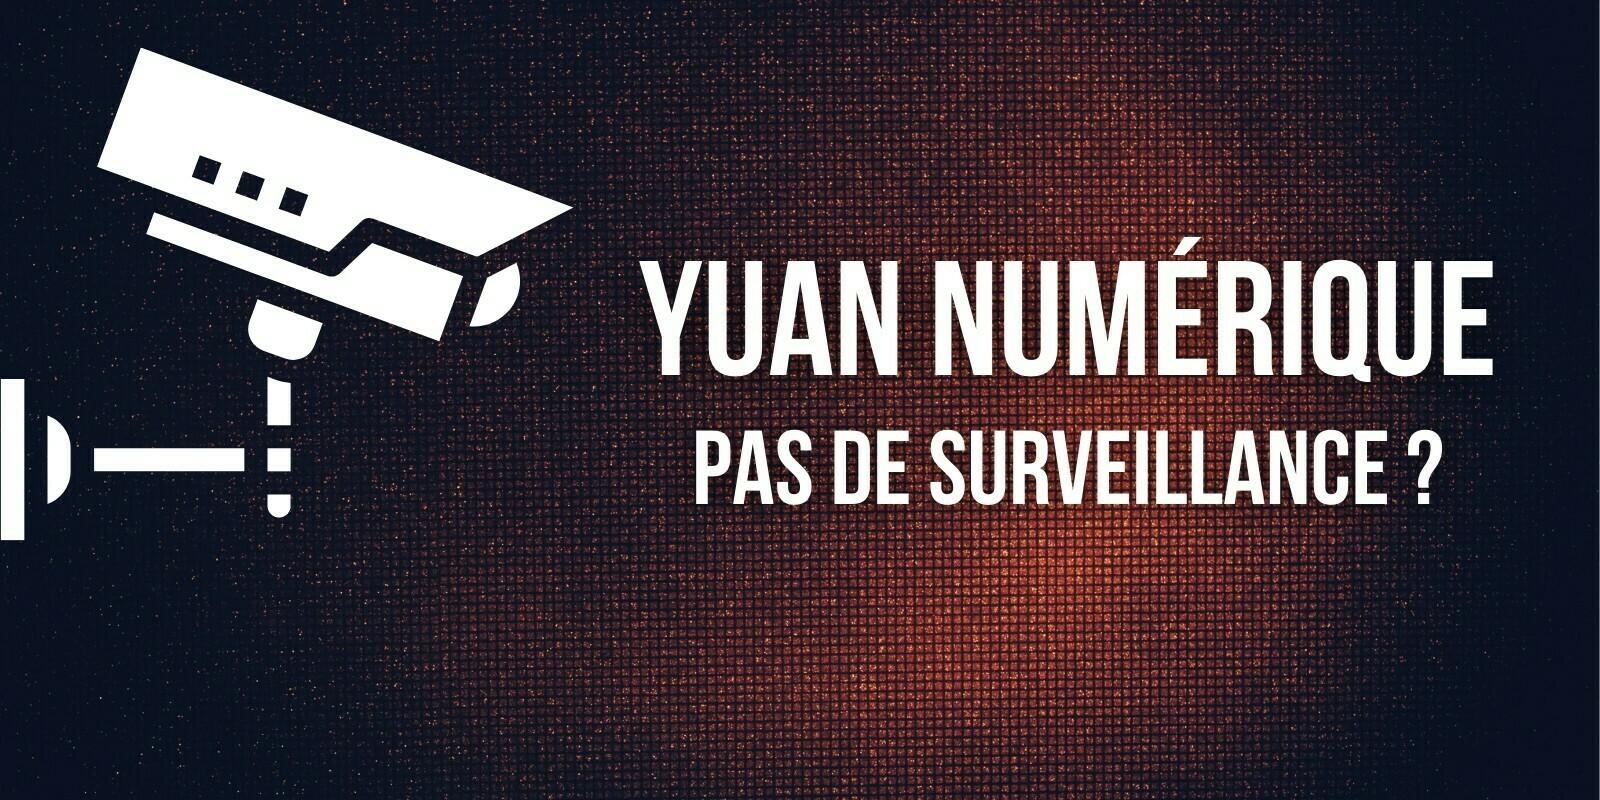 « Le yuan numérique n'est pas un outil de surveillance », affirme un ancien directeur de la banque centrale chinoise